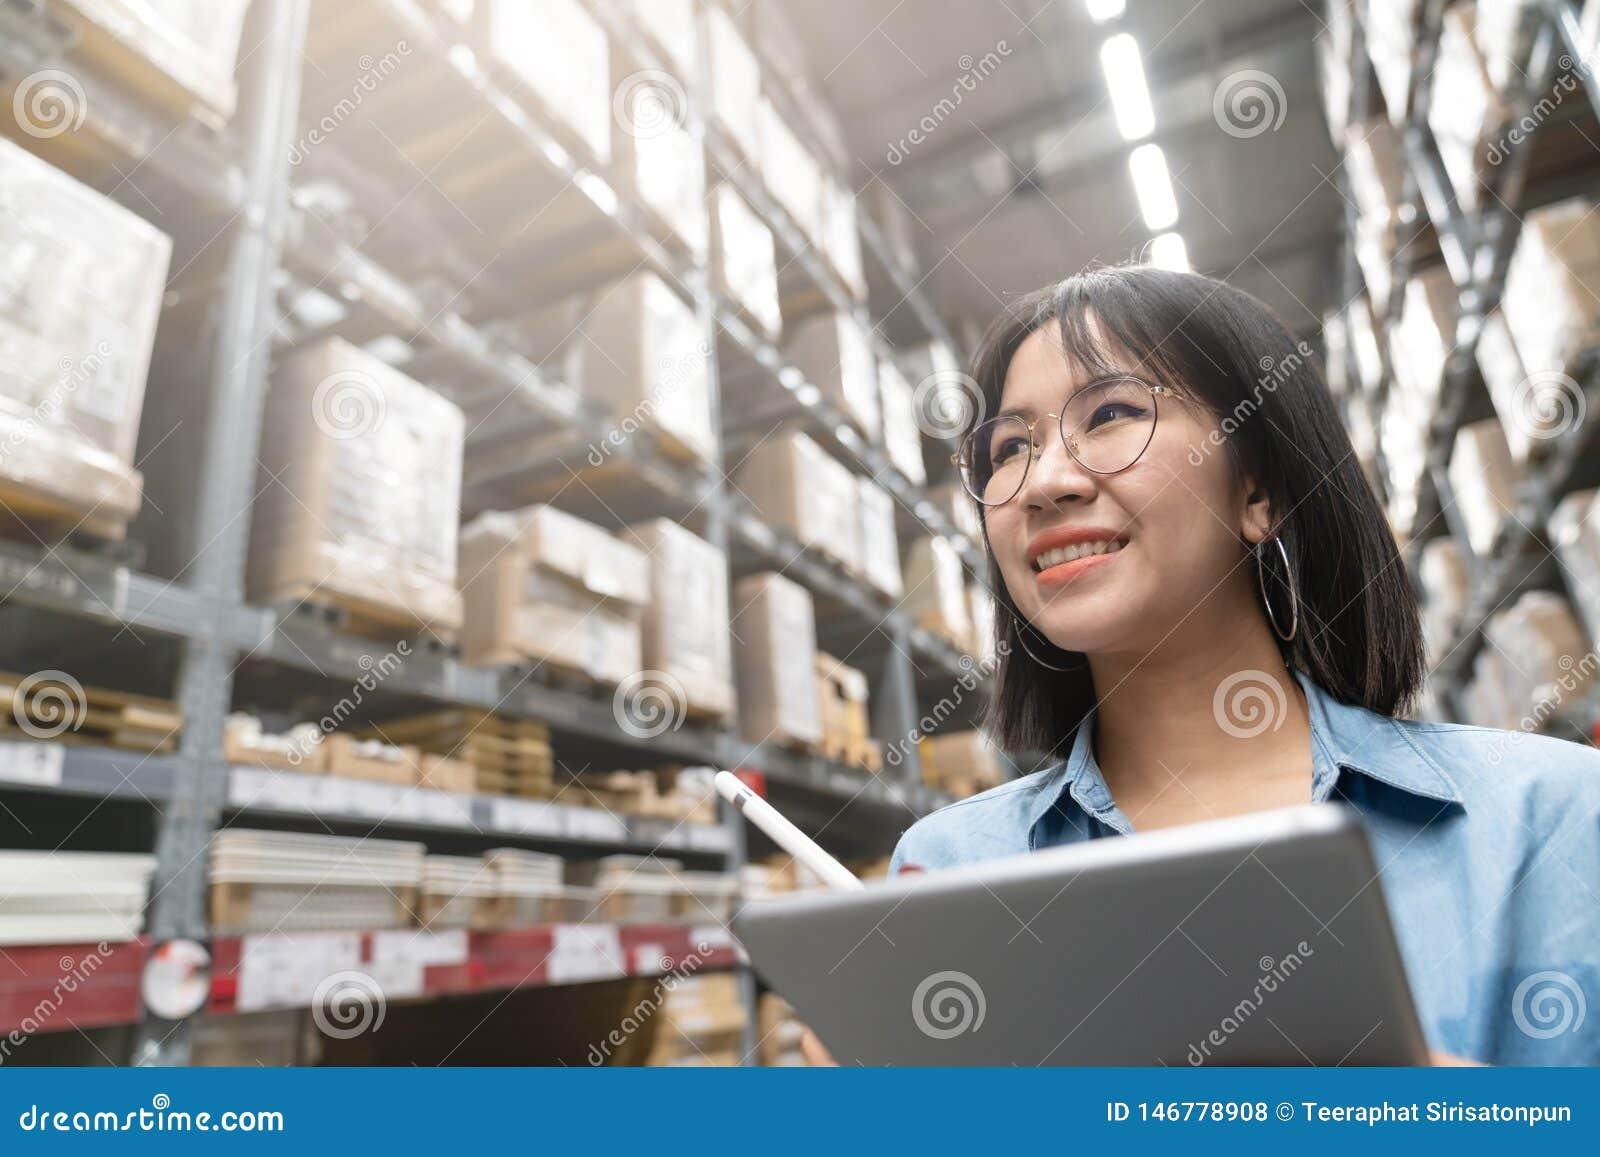 Sluit omhoog van jonge aantrekkelijke Aziatische vrouw, auditor of stagiair de inventarisatieinventaris van het personeelswerk in